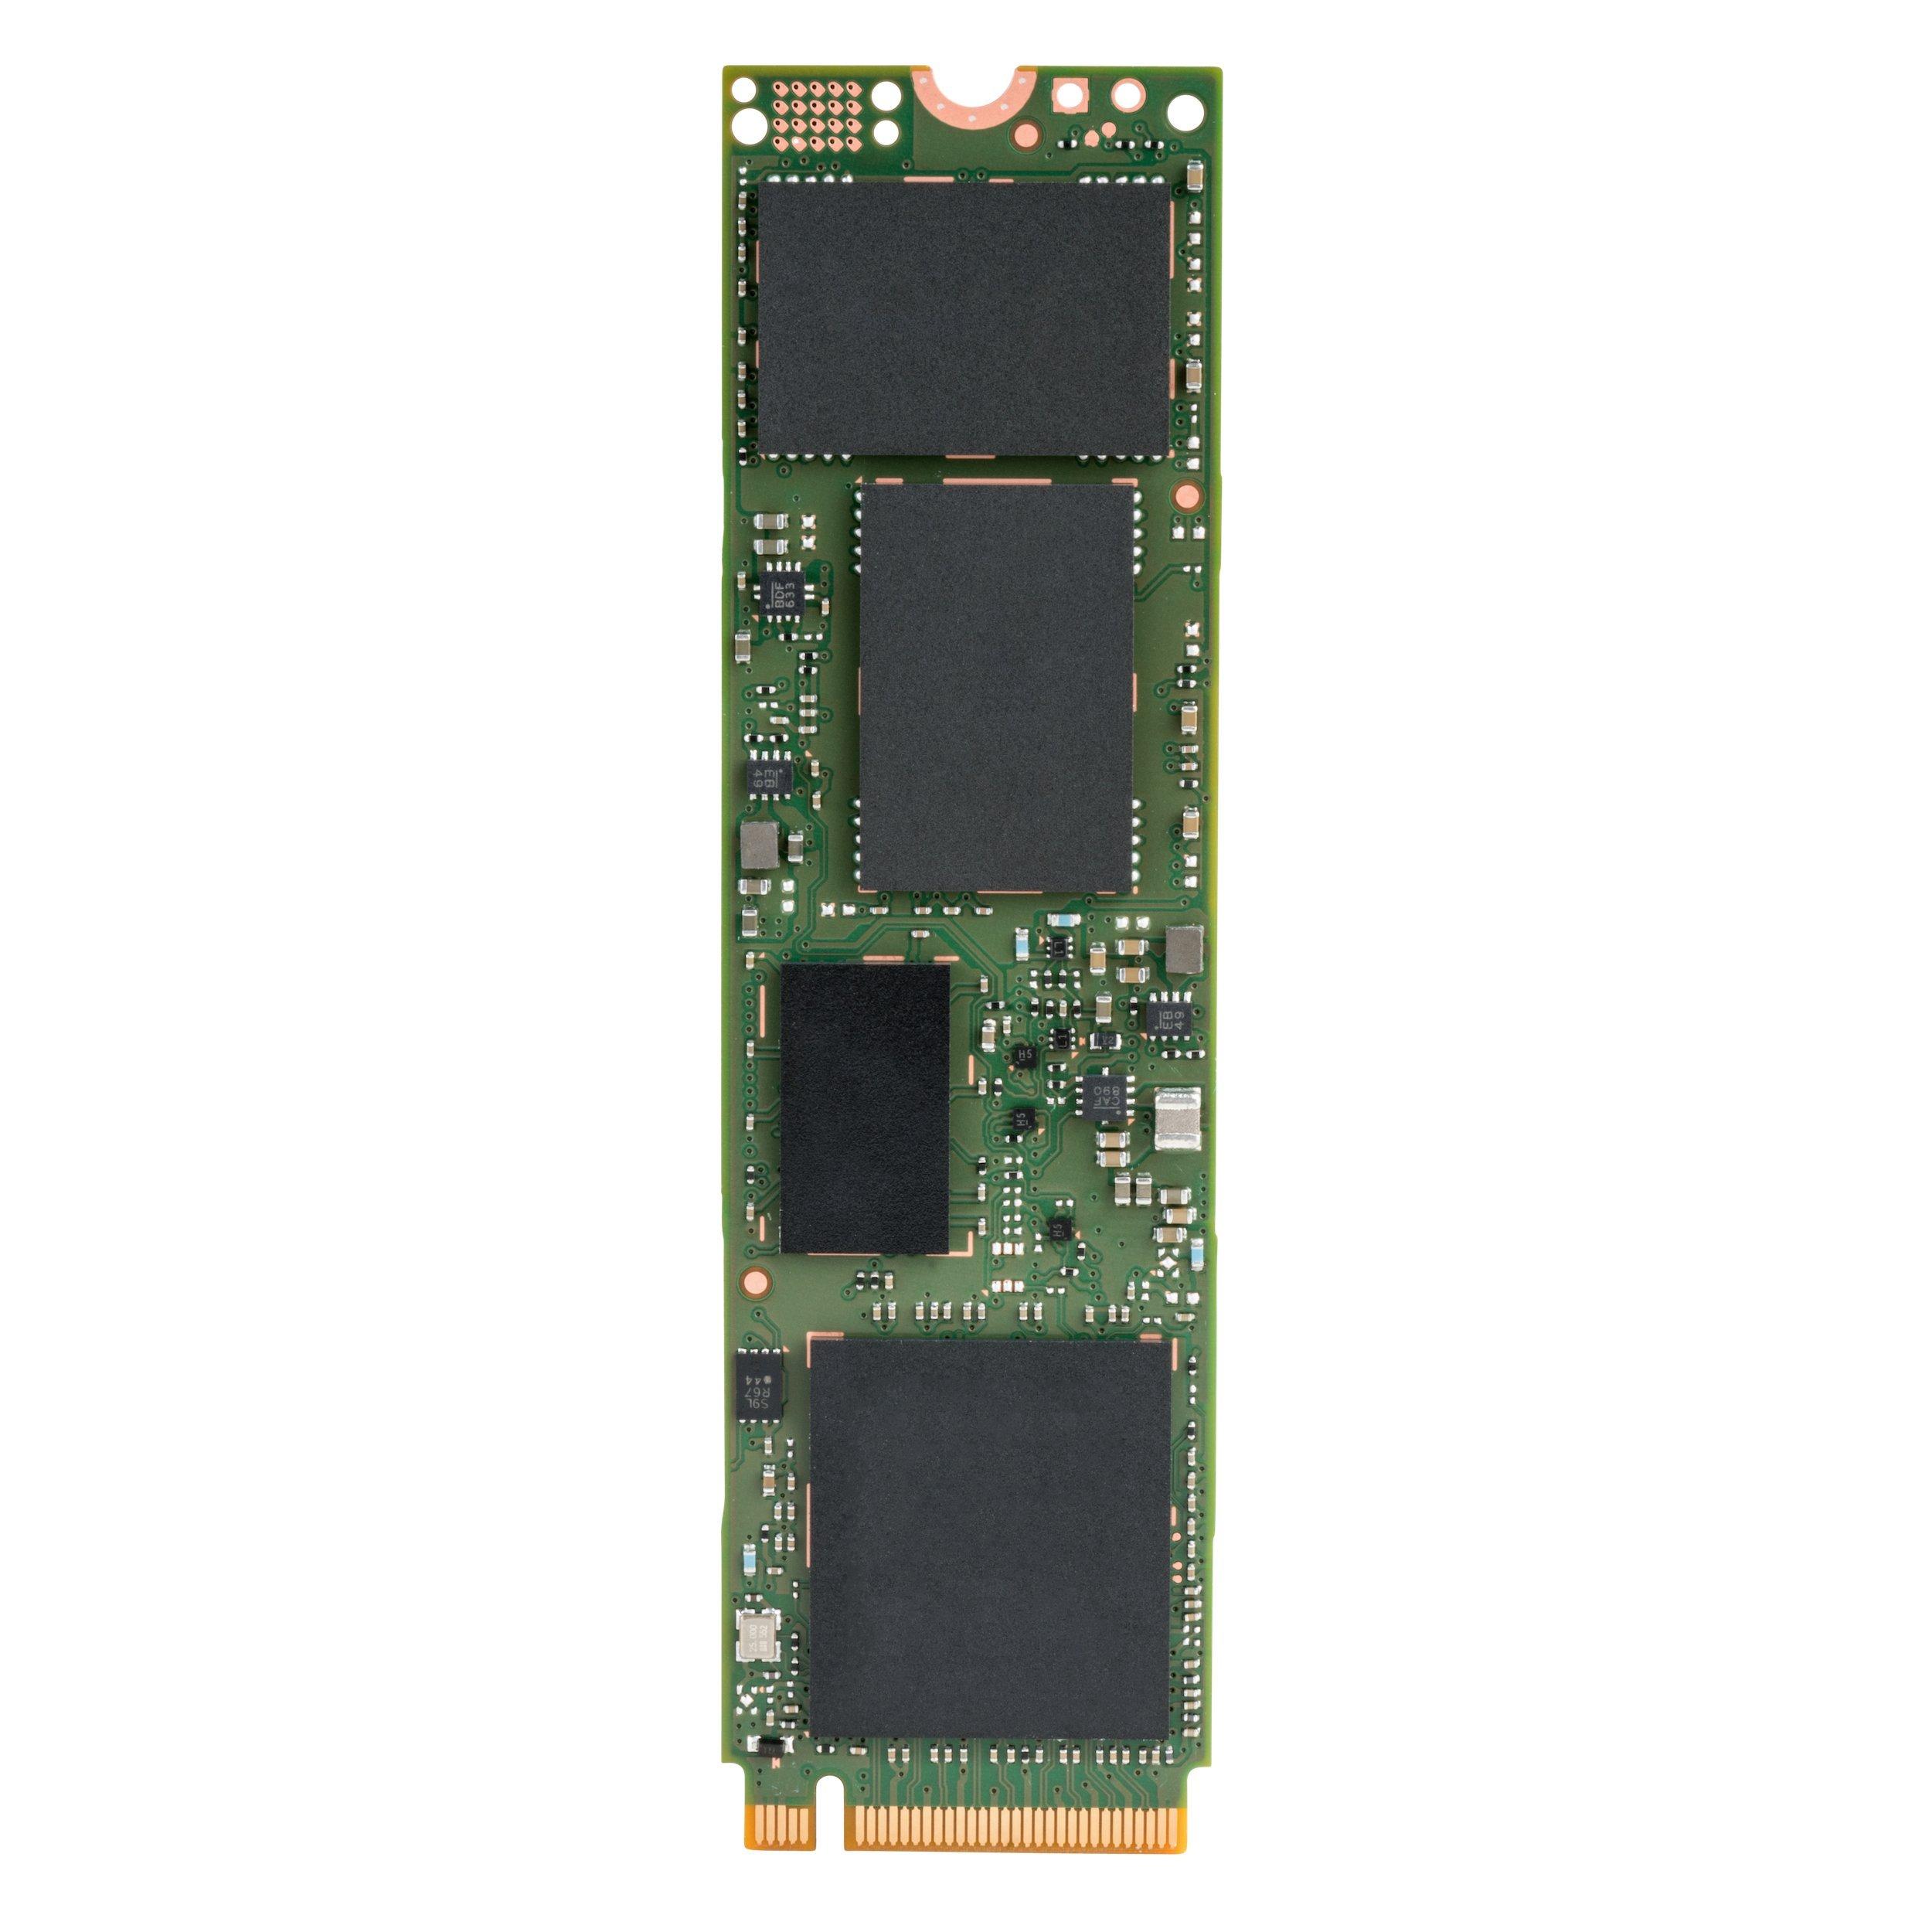 512GB SSD M.2 2280 PCIe NVME INTEL 600P